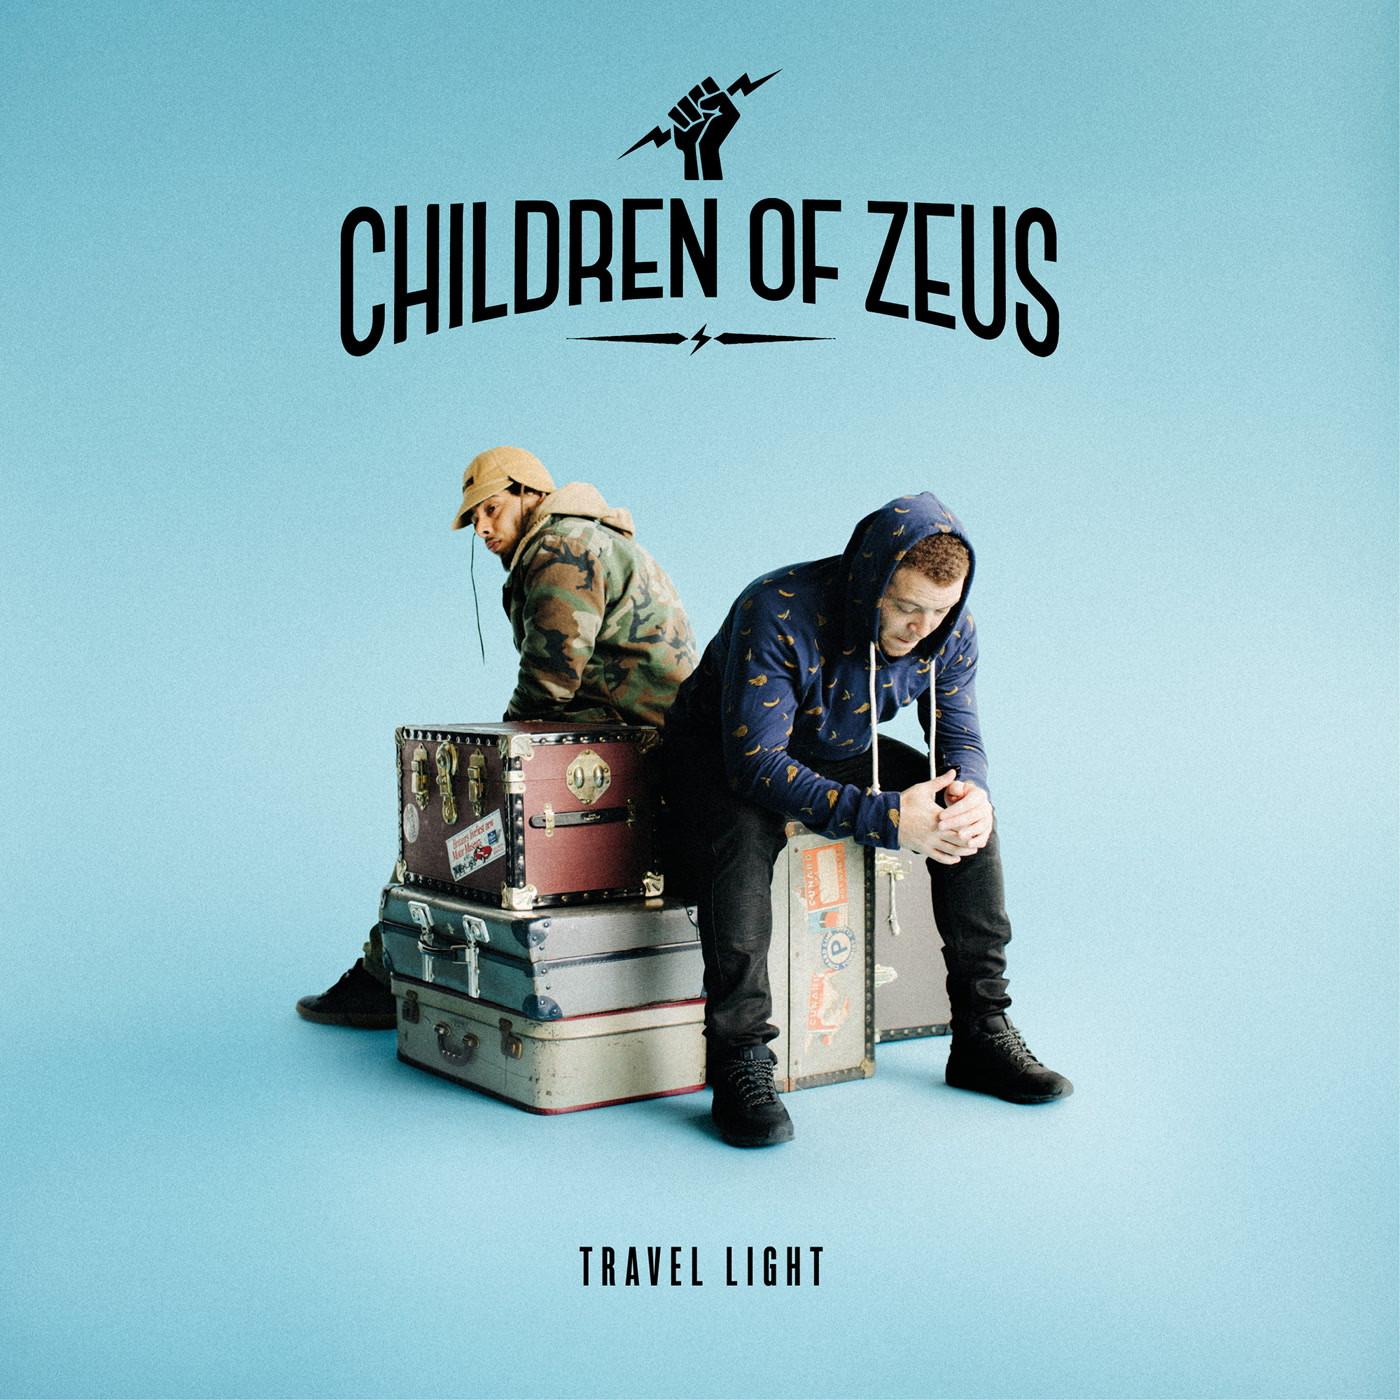 CHILDREN OF ZEUS - Travel Light (2 x LP)